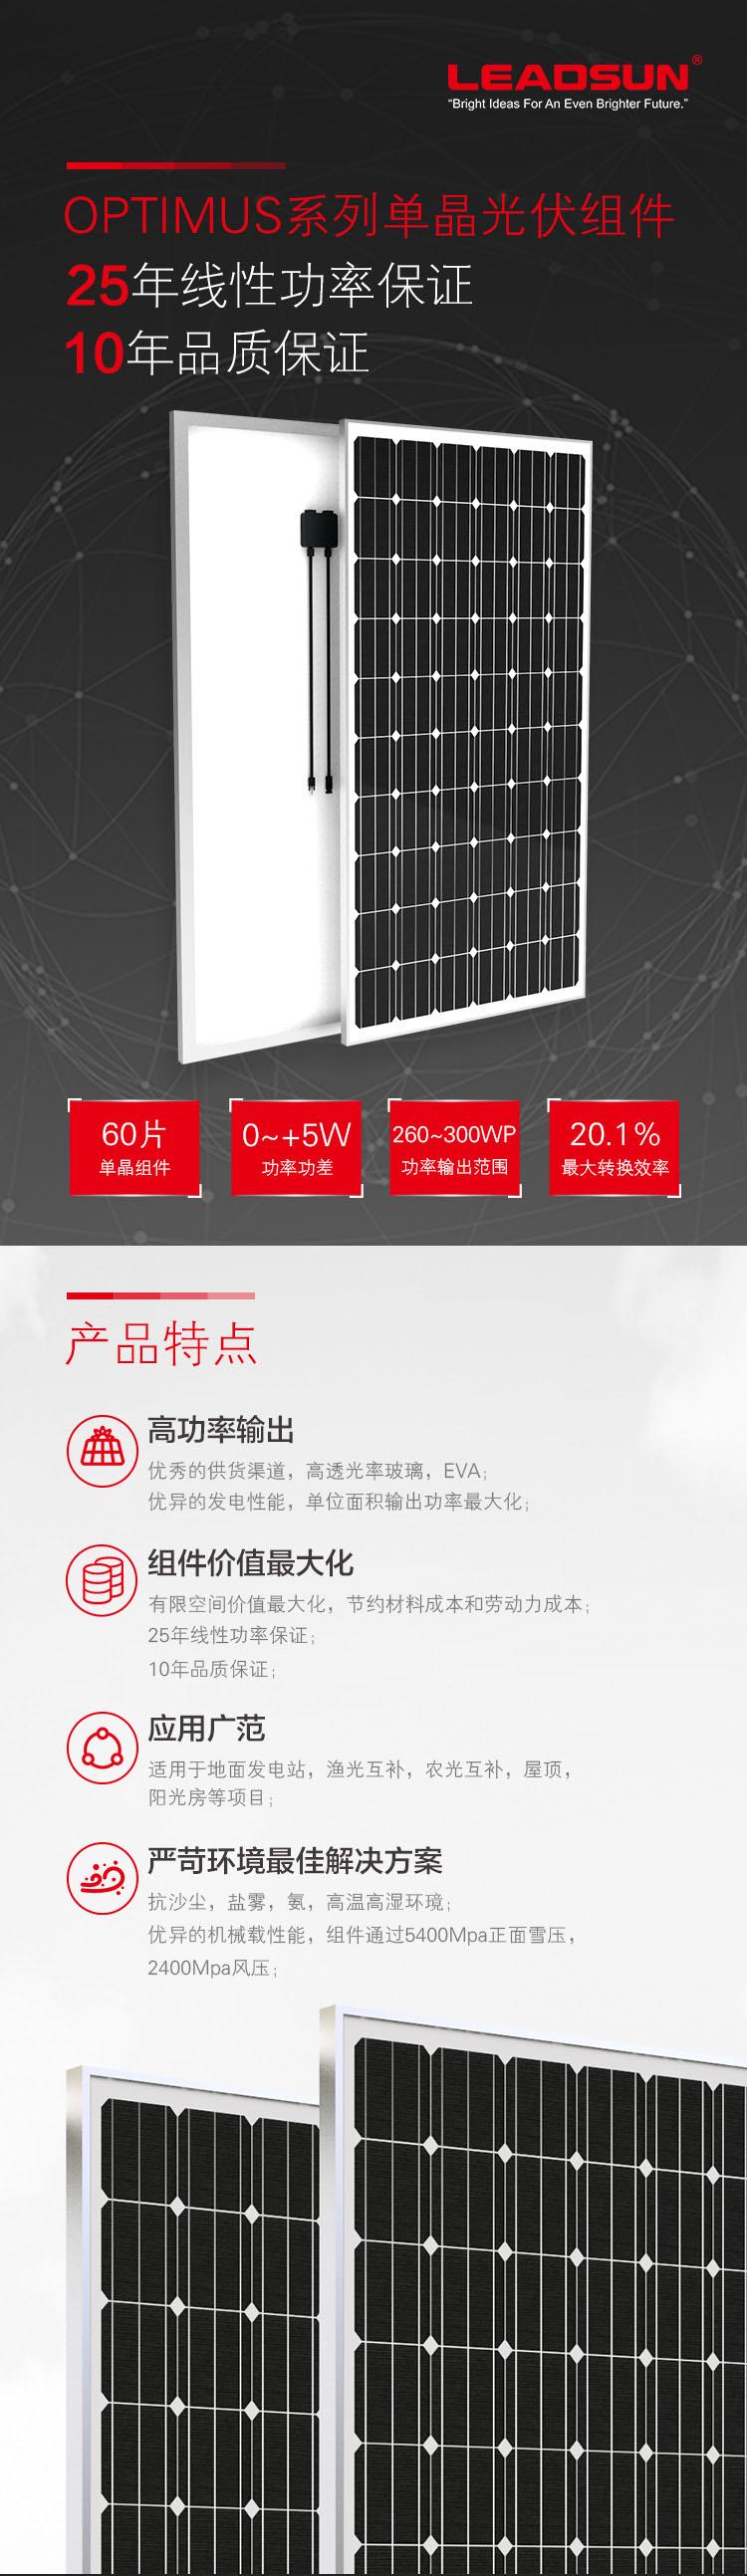 LEADSUN單晶60片太陽能板詳情頁-750-1-1.jpg